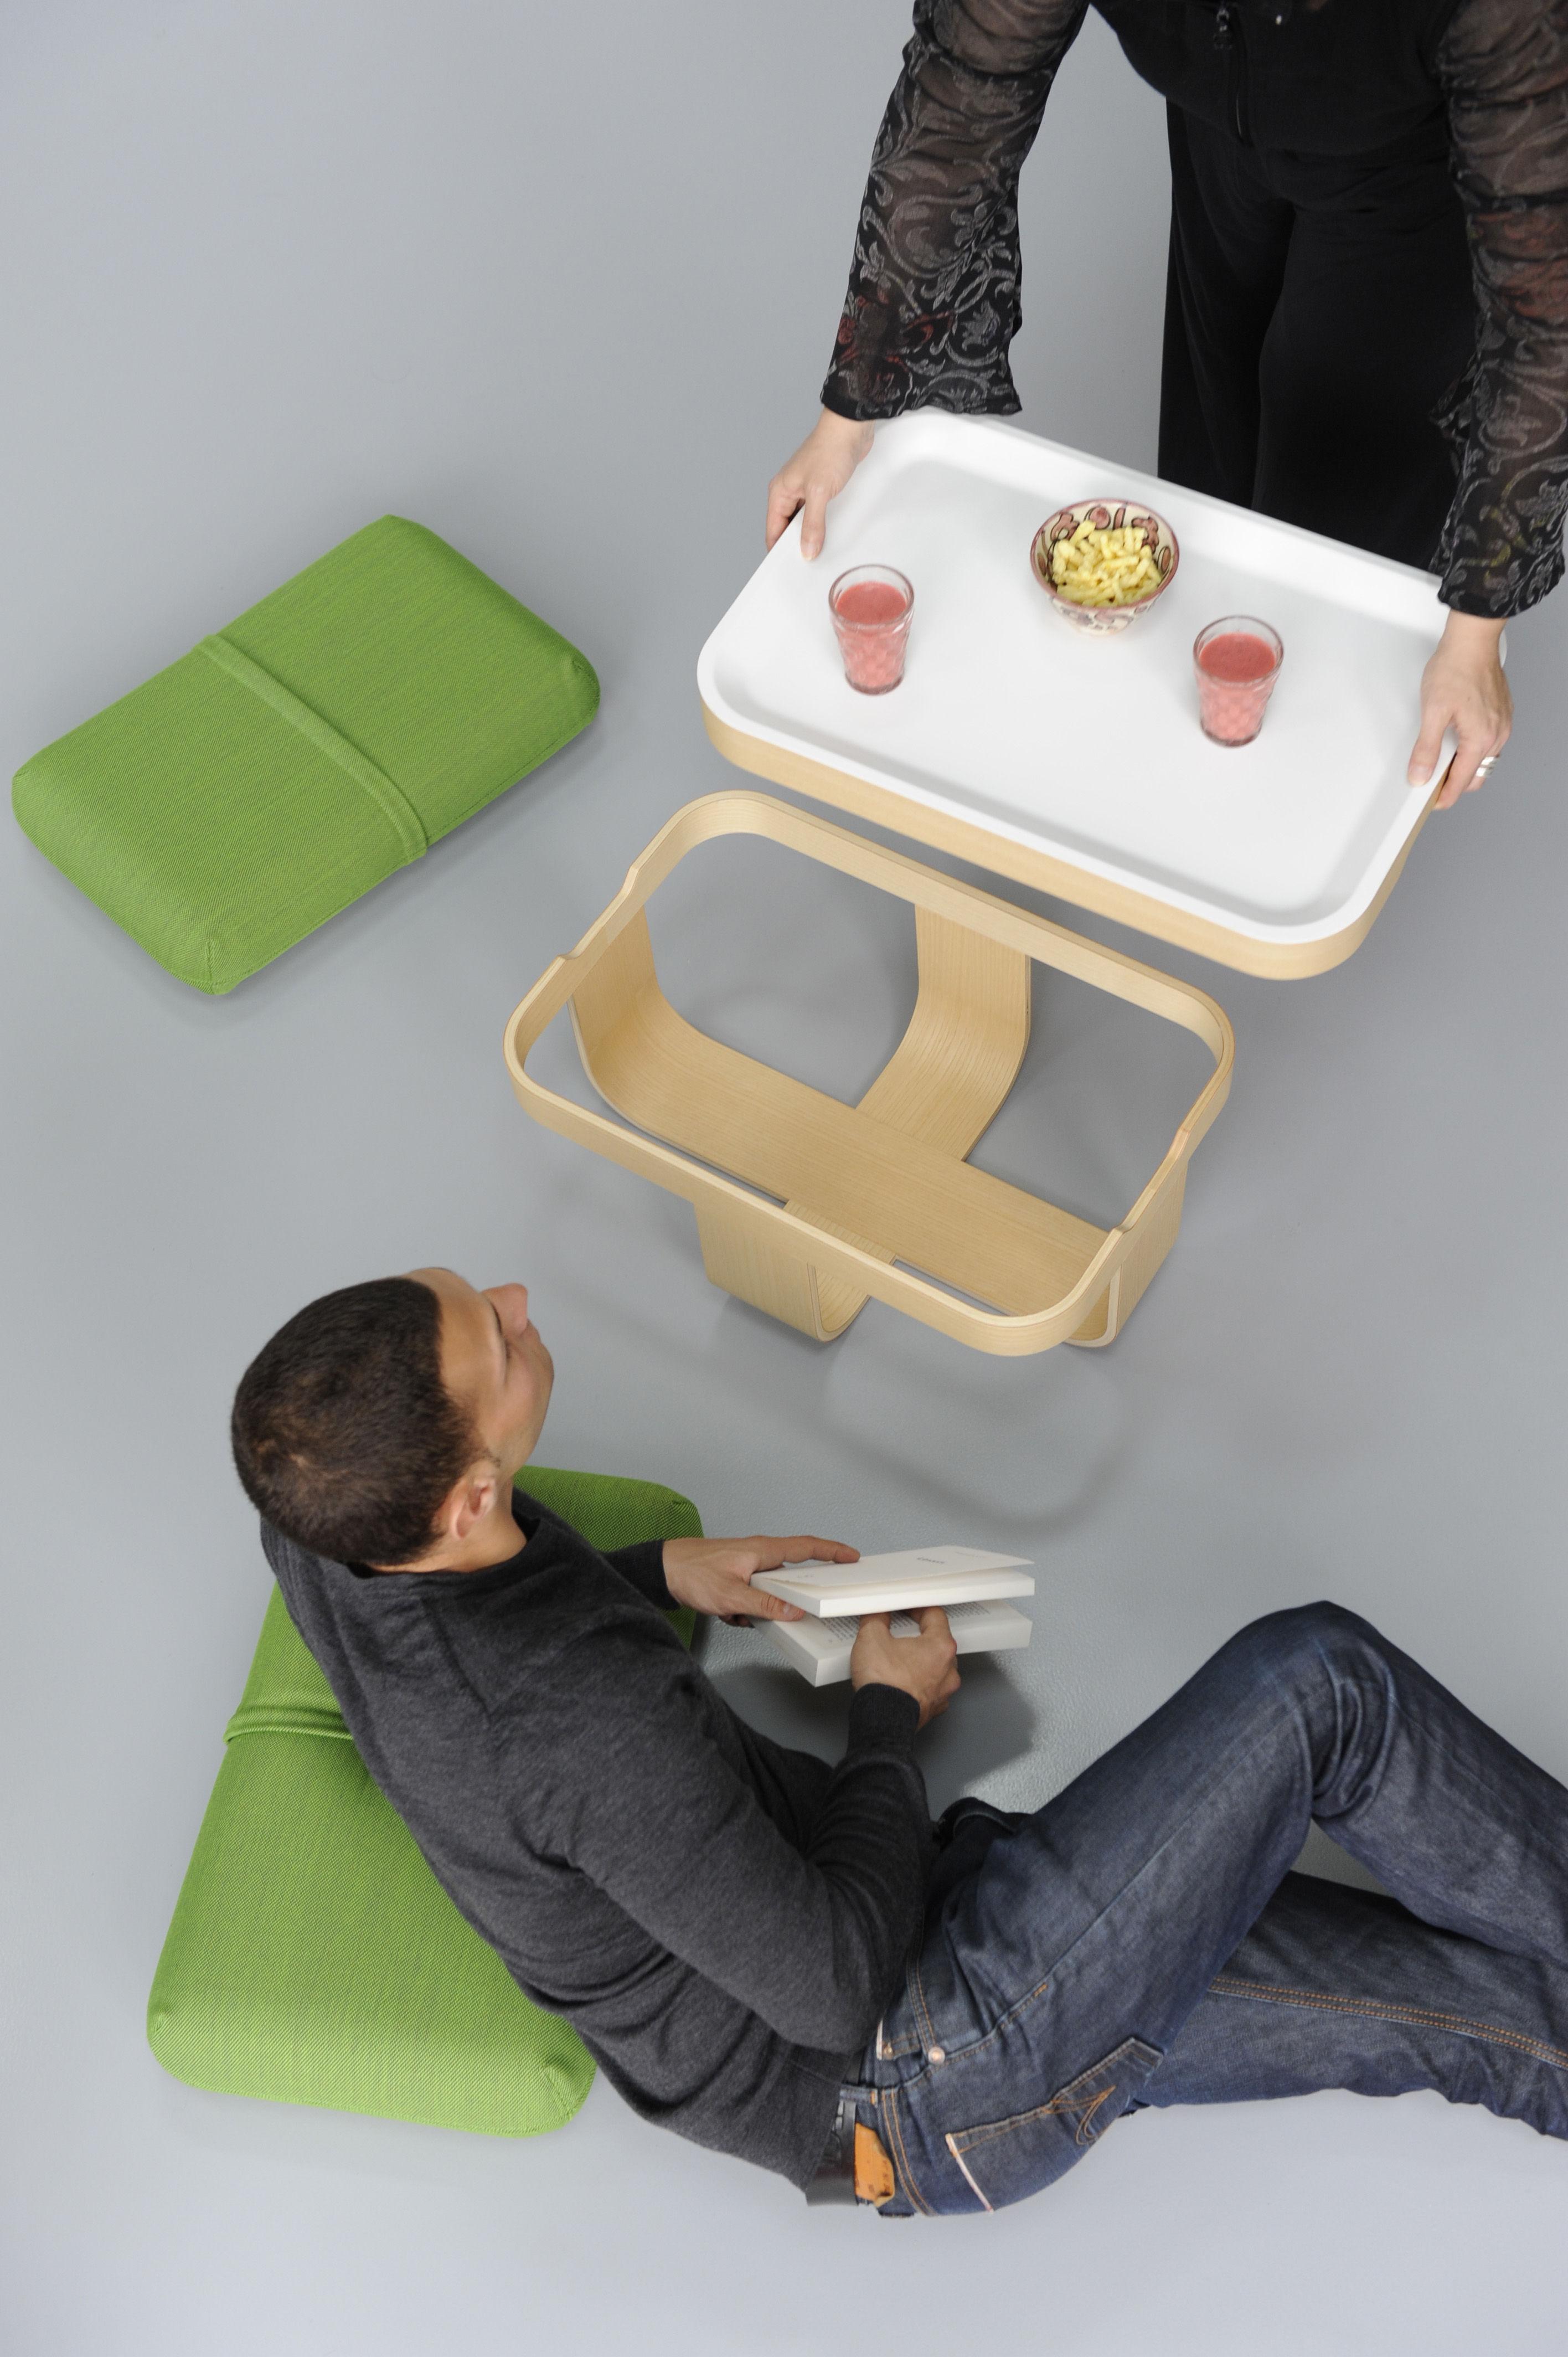 mister t couchtisch auch als hocker oder fu ablage einsetzbar gr n by made in design editions. Black Bedroom Furniture Sets. Home Design Ideas